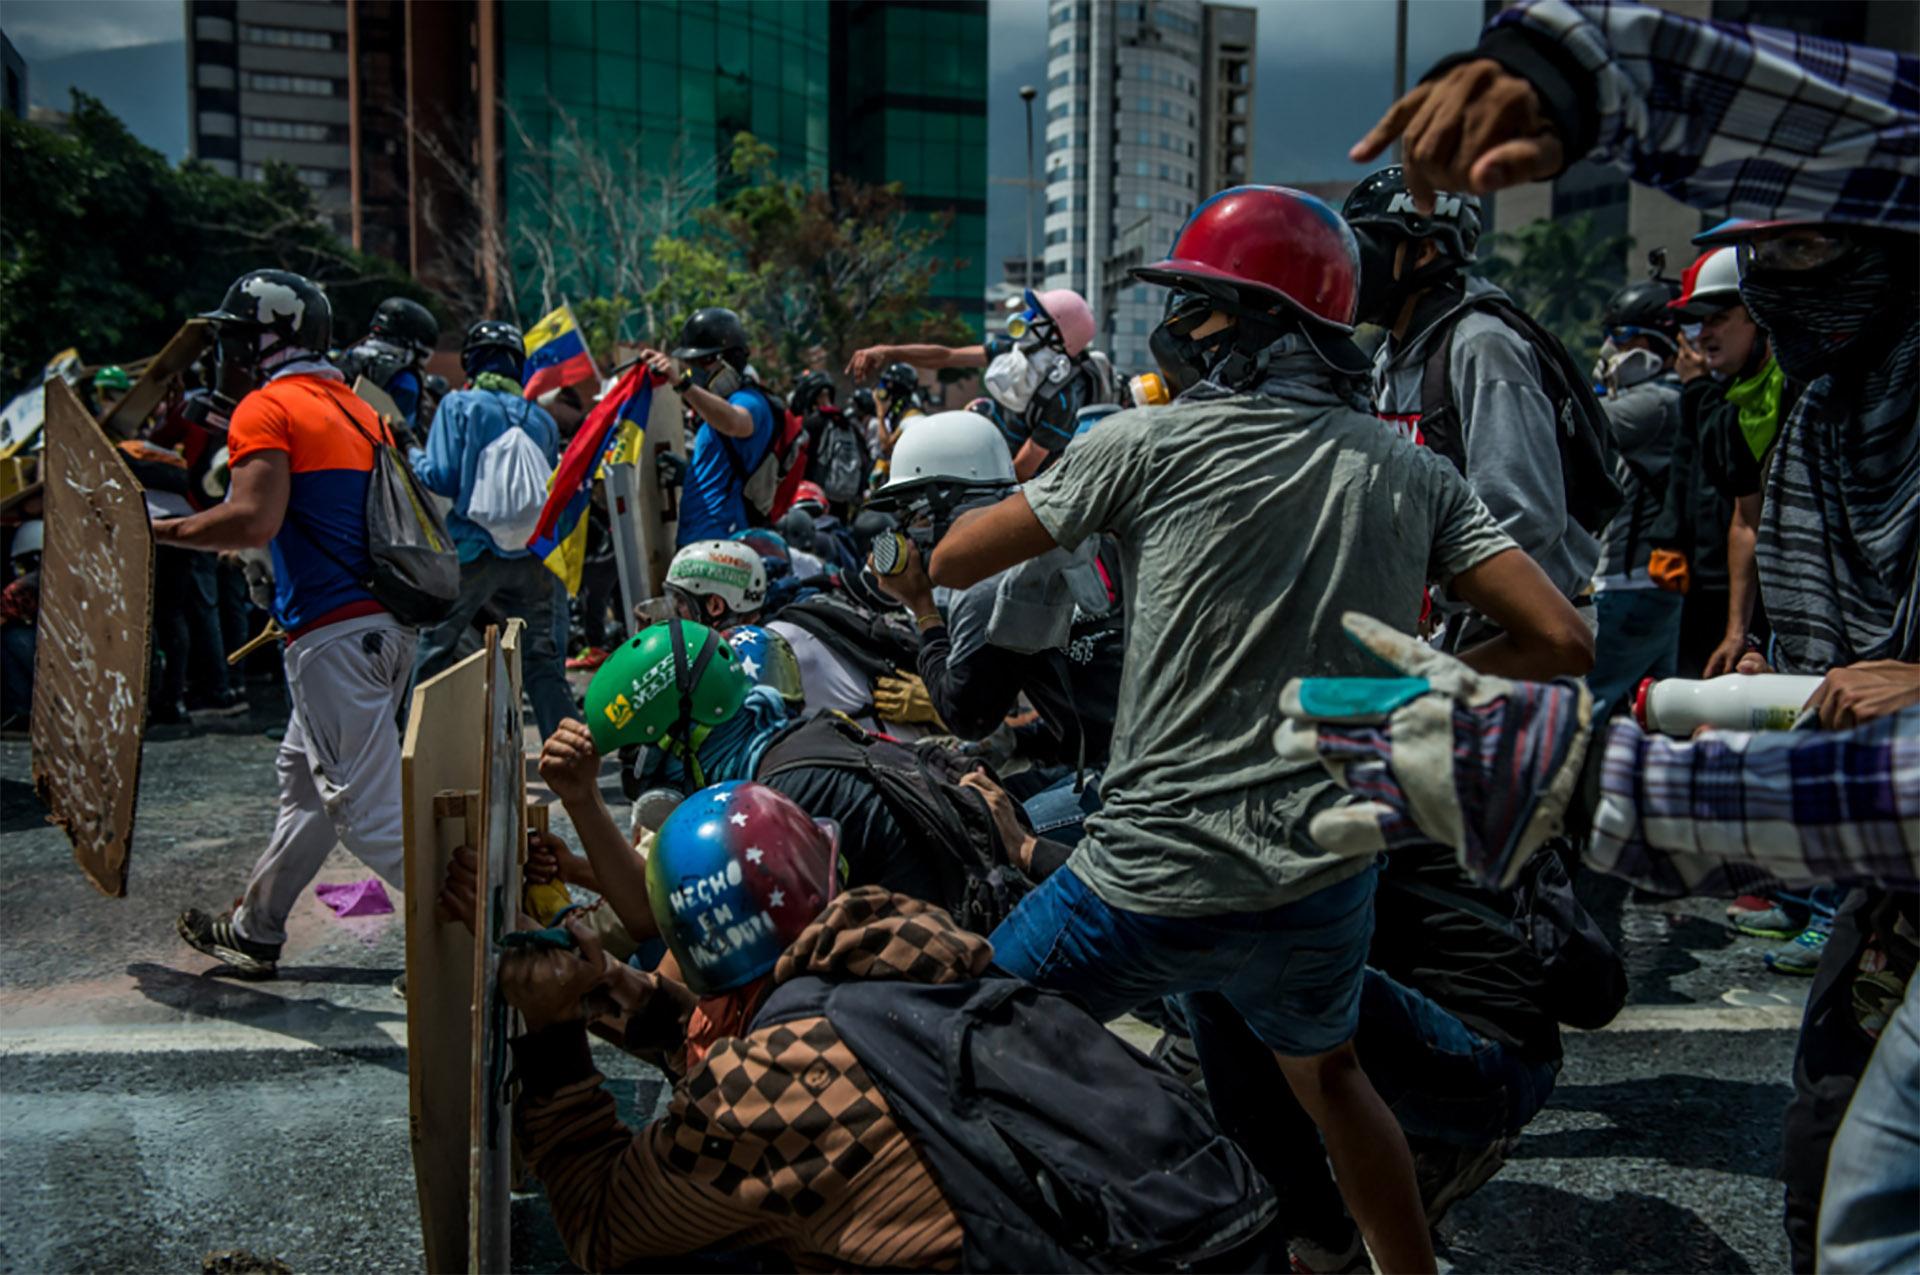 La población civil responde con piedras a la represión del régimen militar (Meridith Kohut for The New York Times)